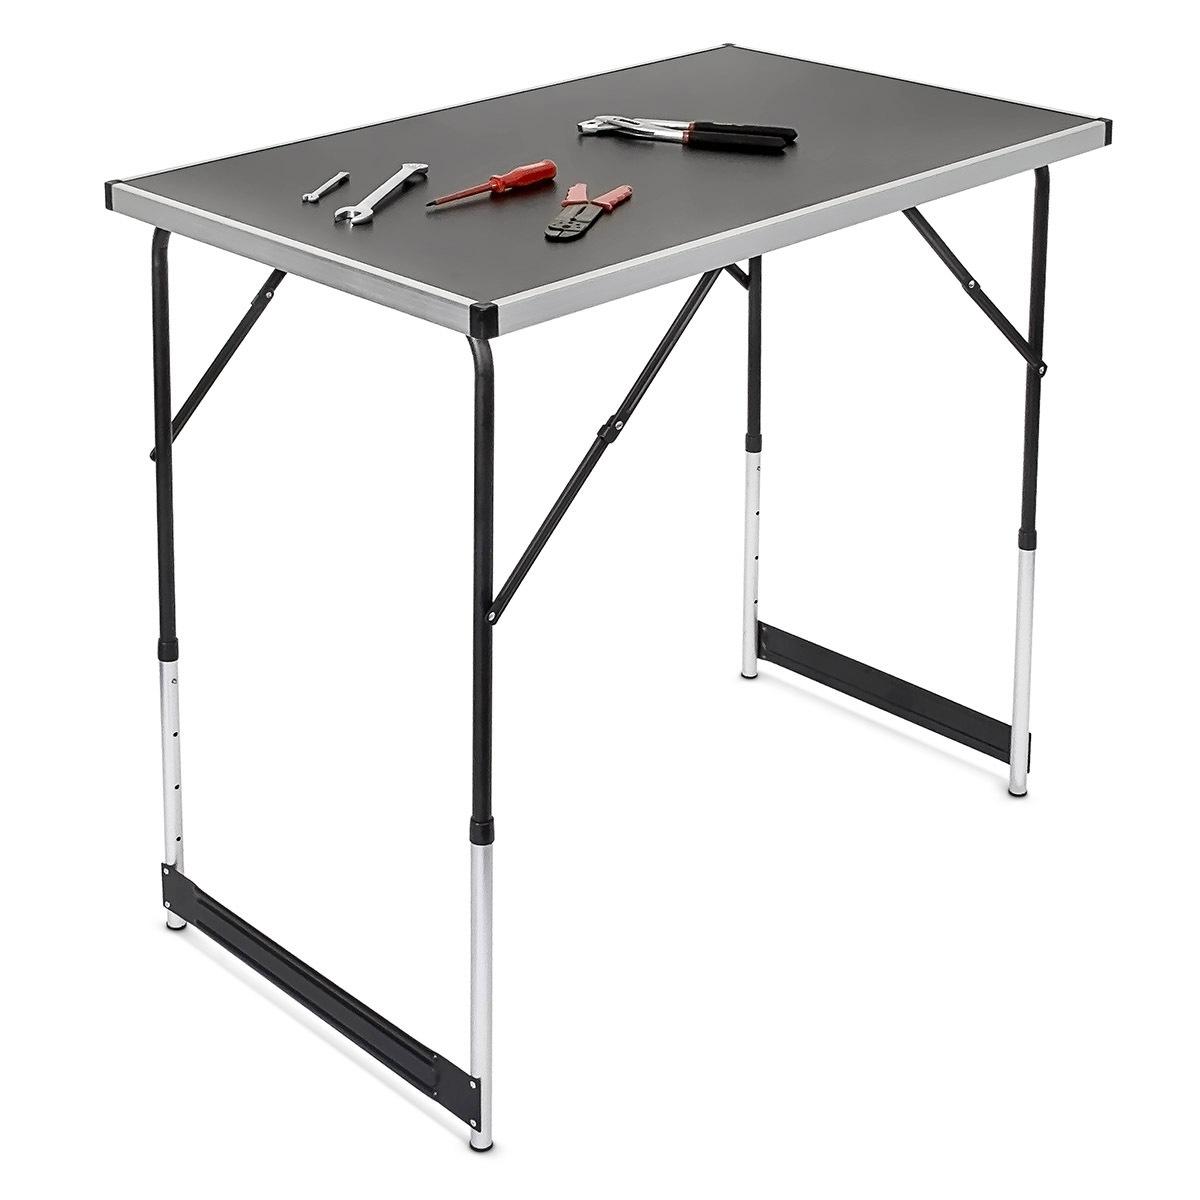 ABC Hliníkový skládací prodejní pult stůl stolek